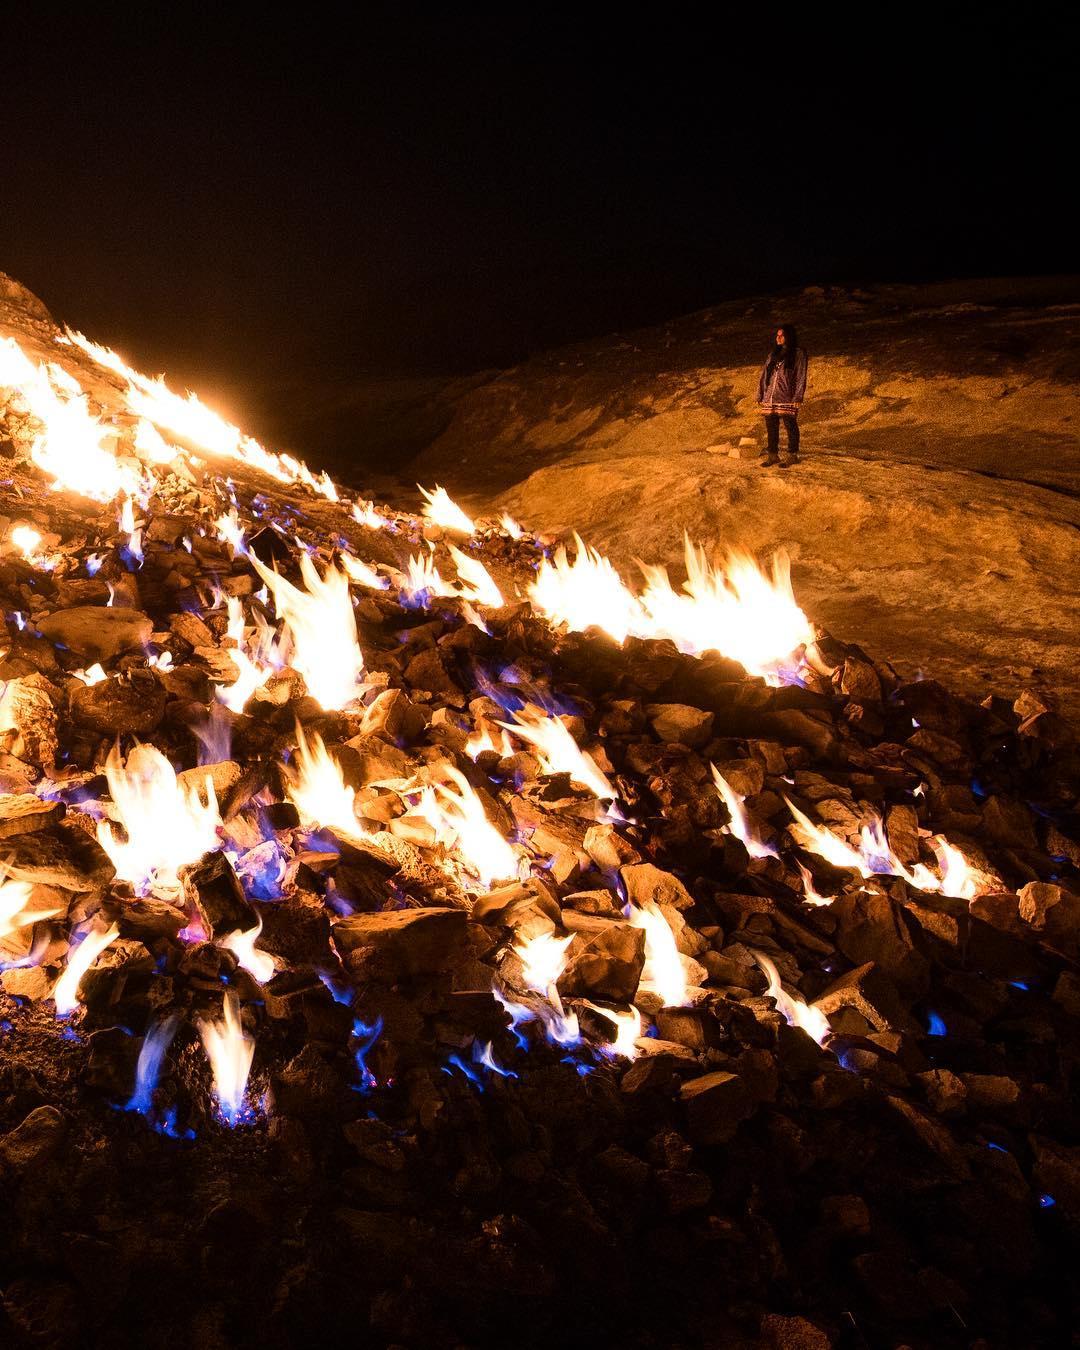 Завораживающая вечно горящая огненная гора в Иране